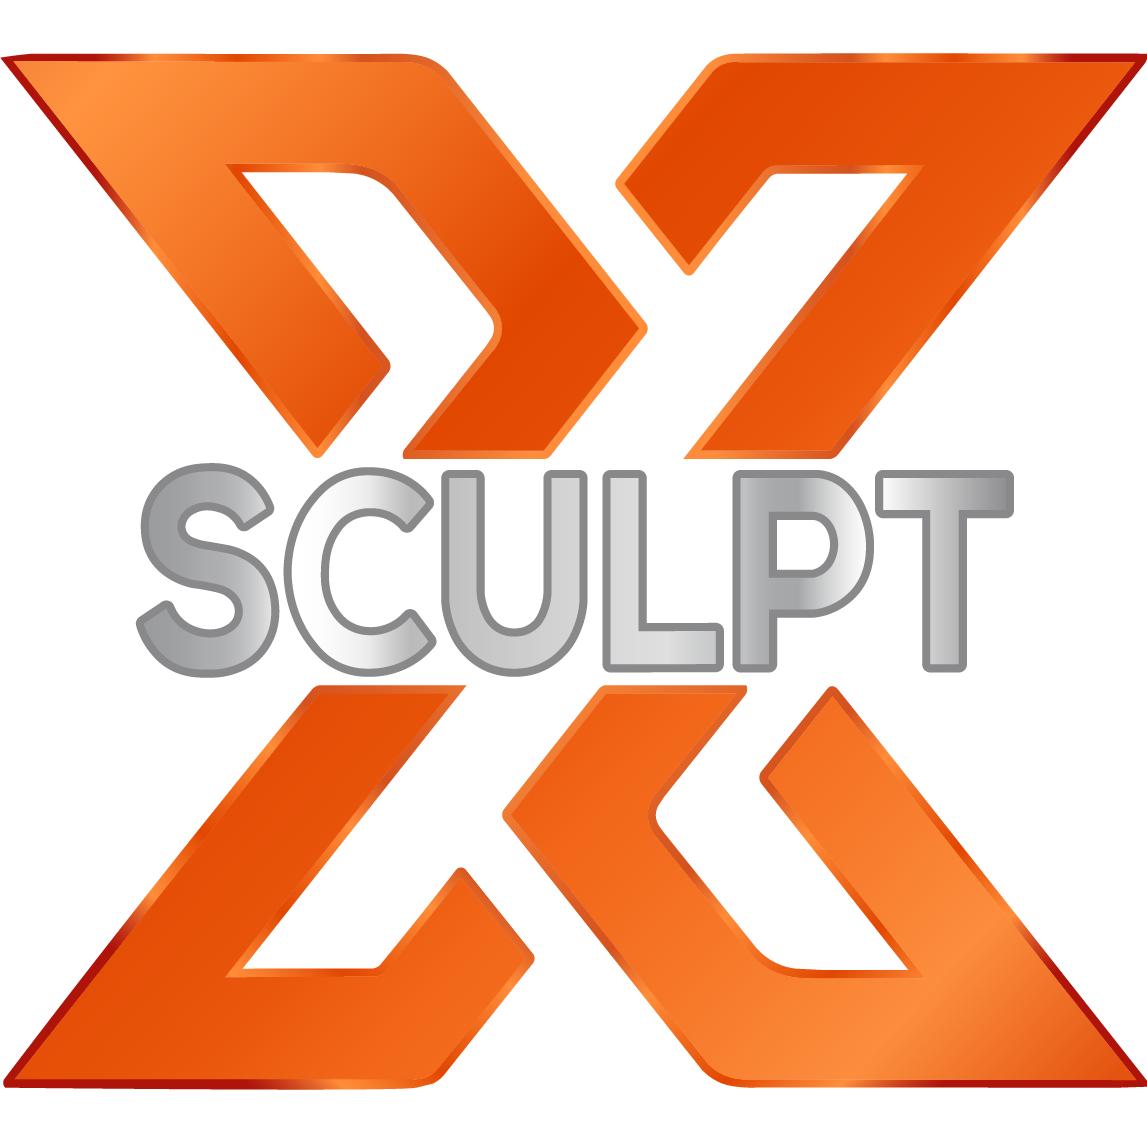 XSculpt Downtown Chicago